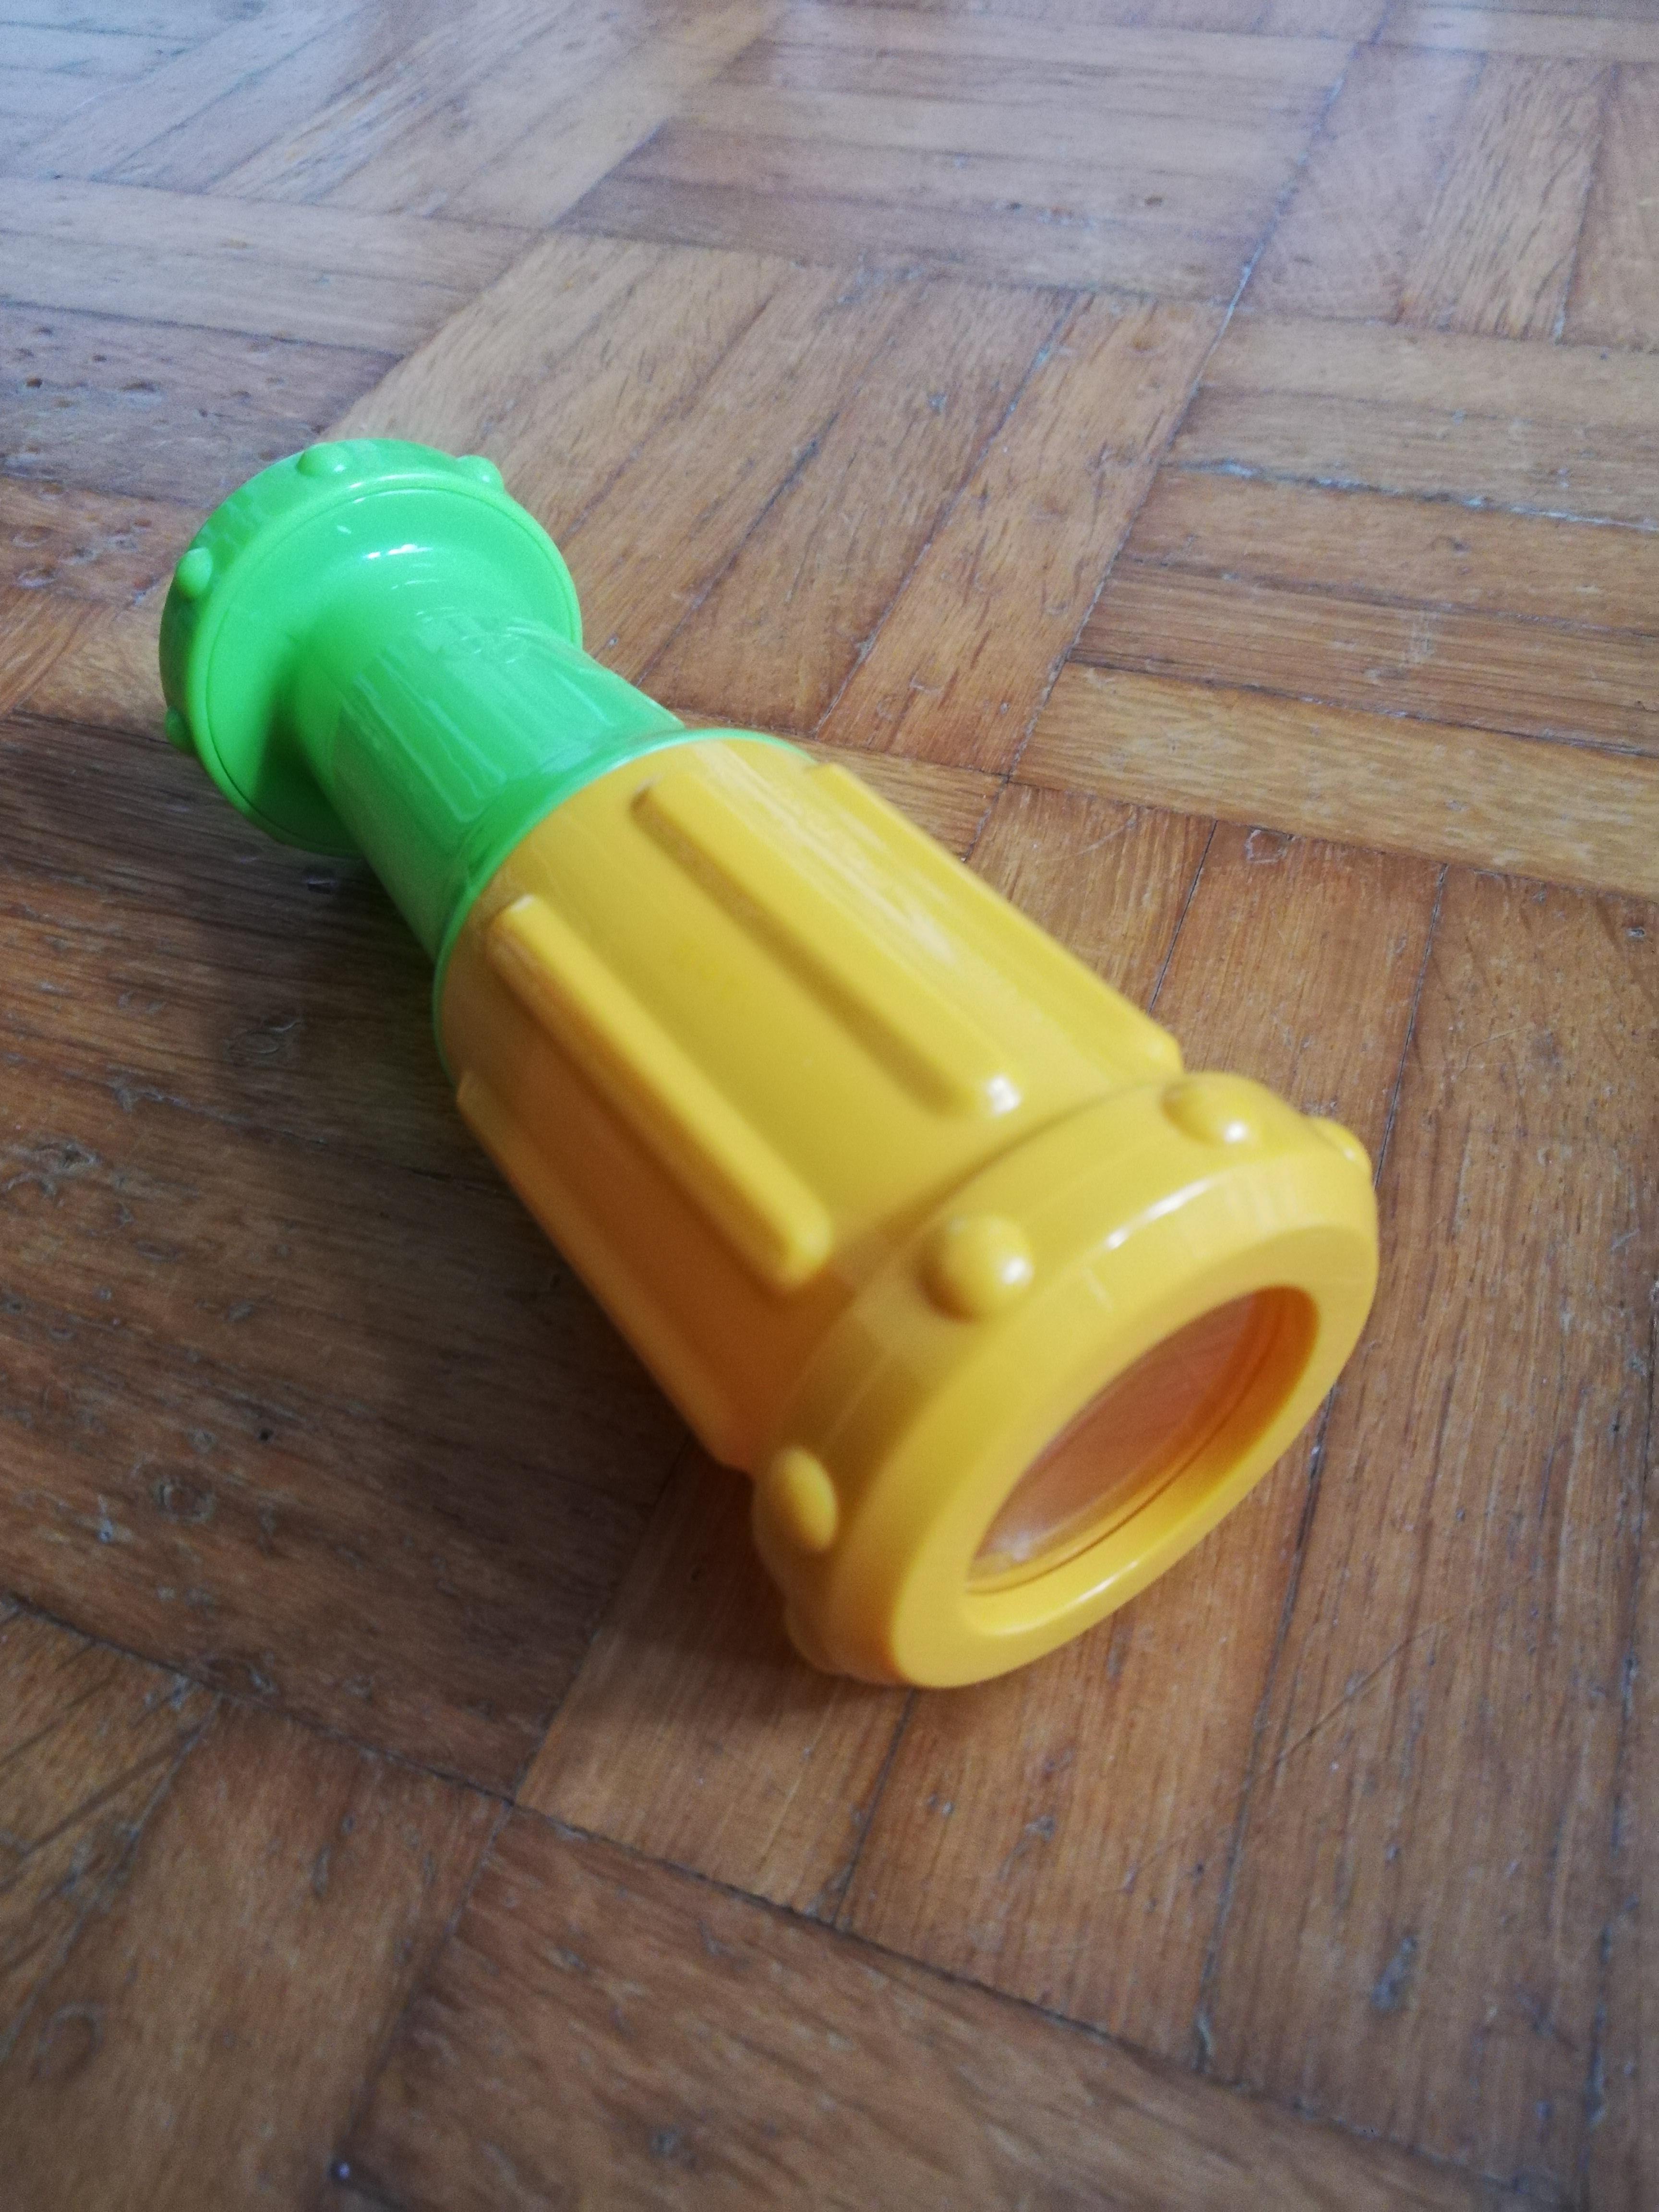 troc de troc jouet téléscope image 0